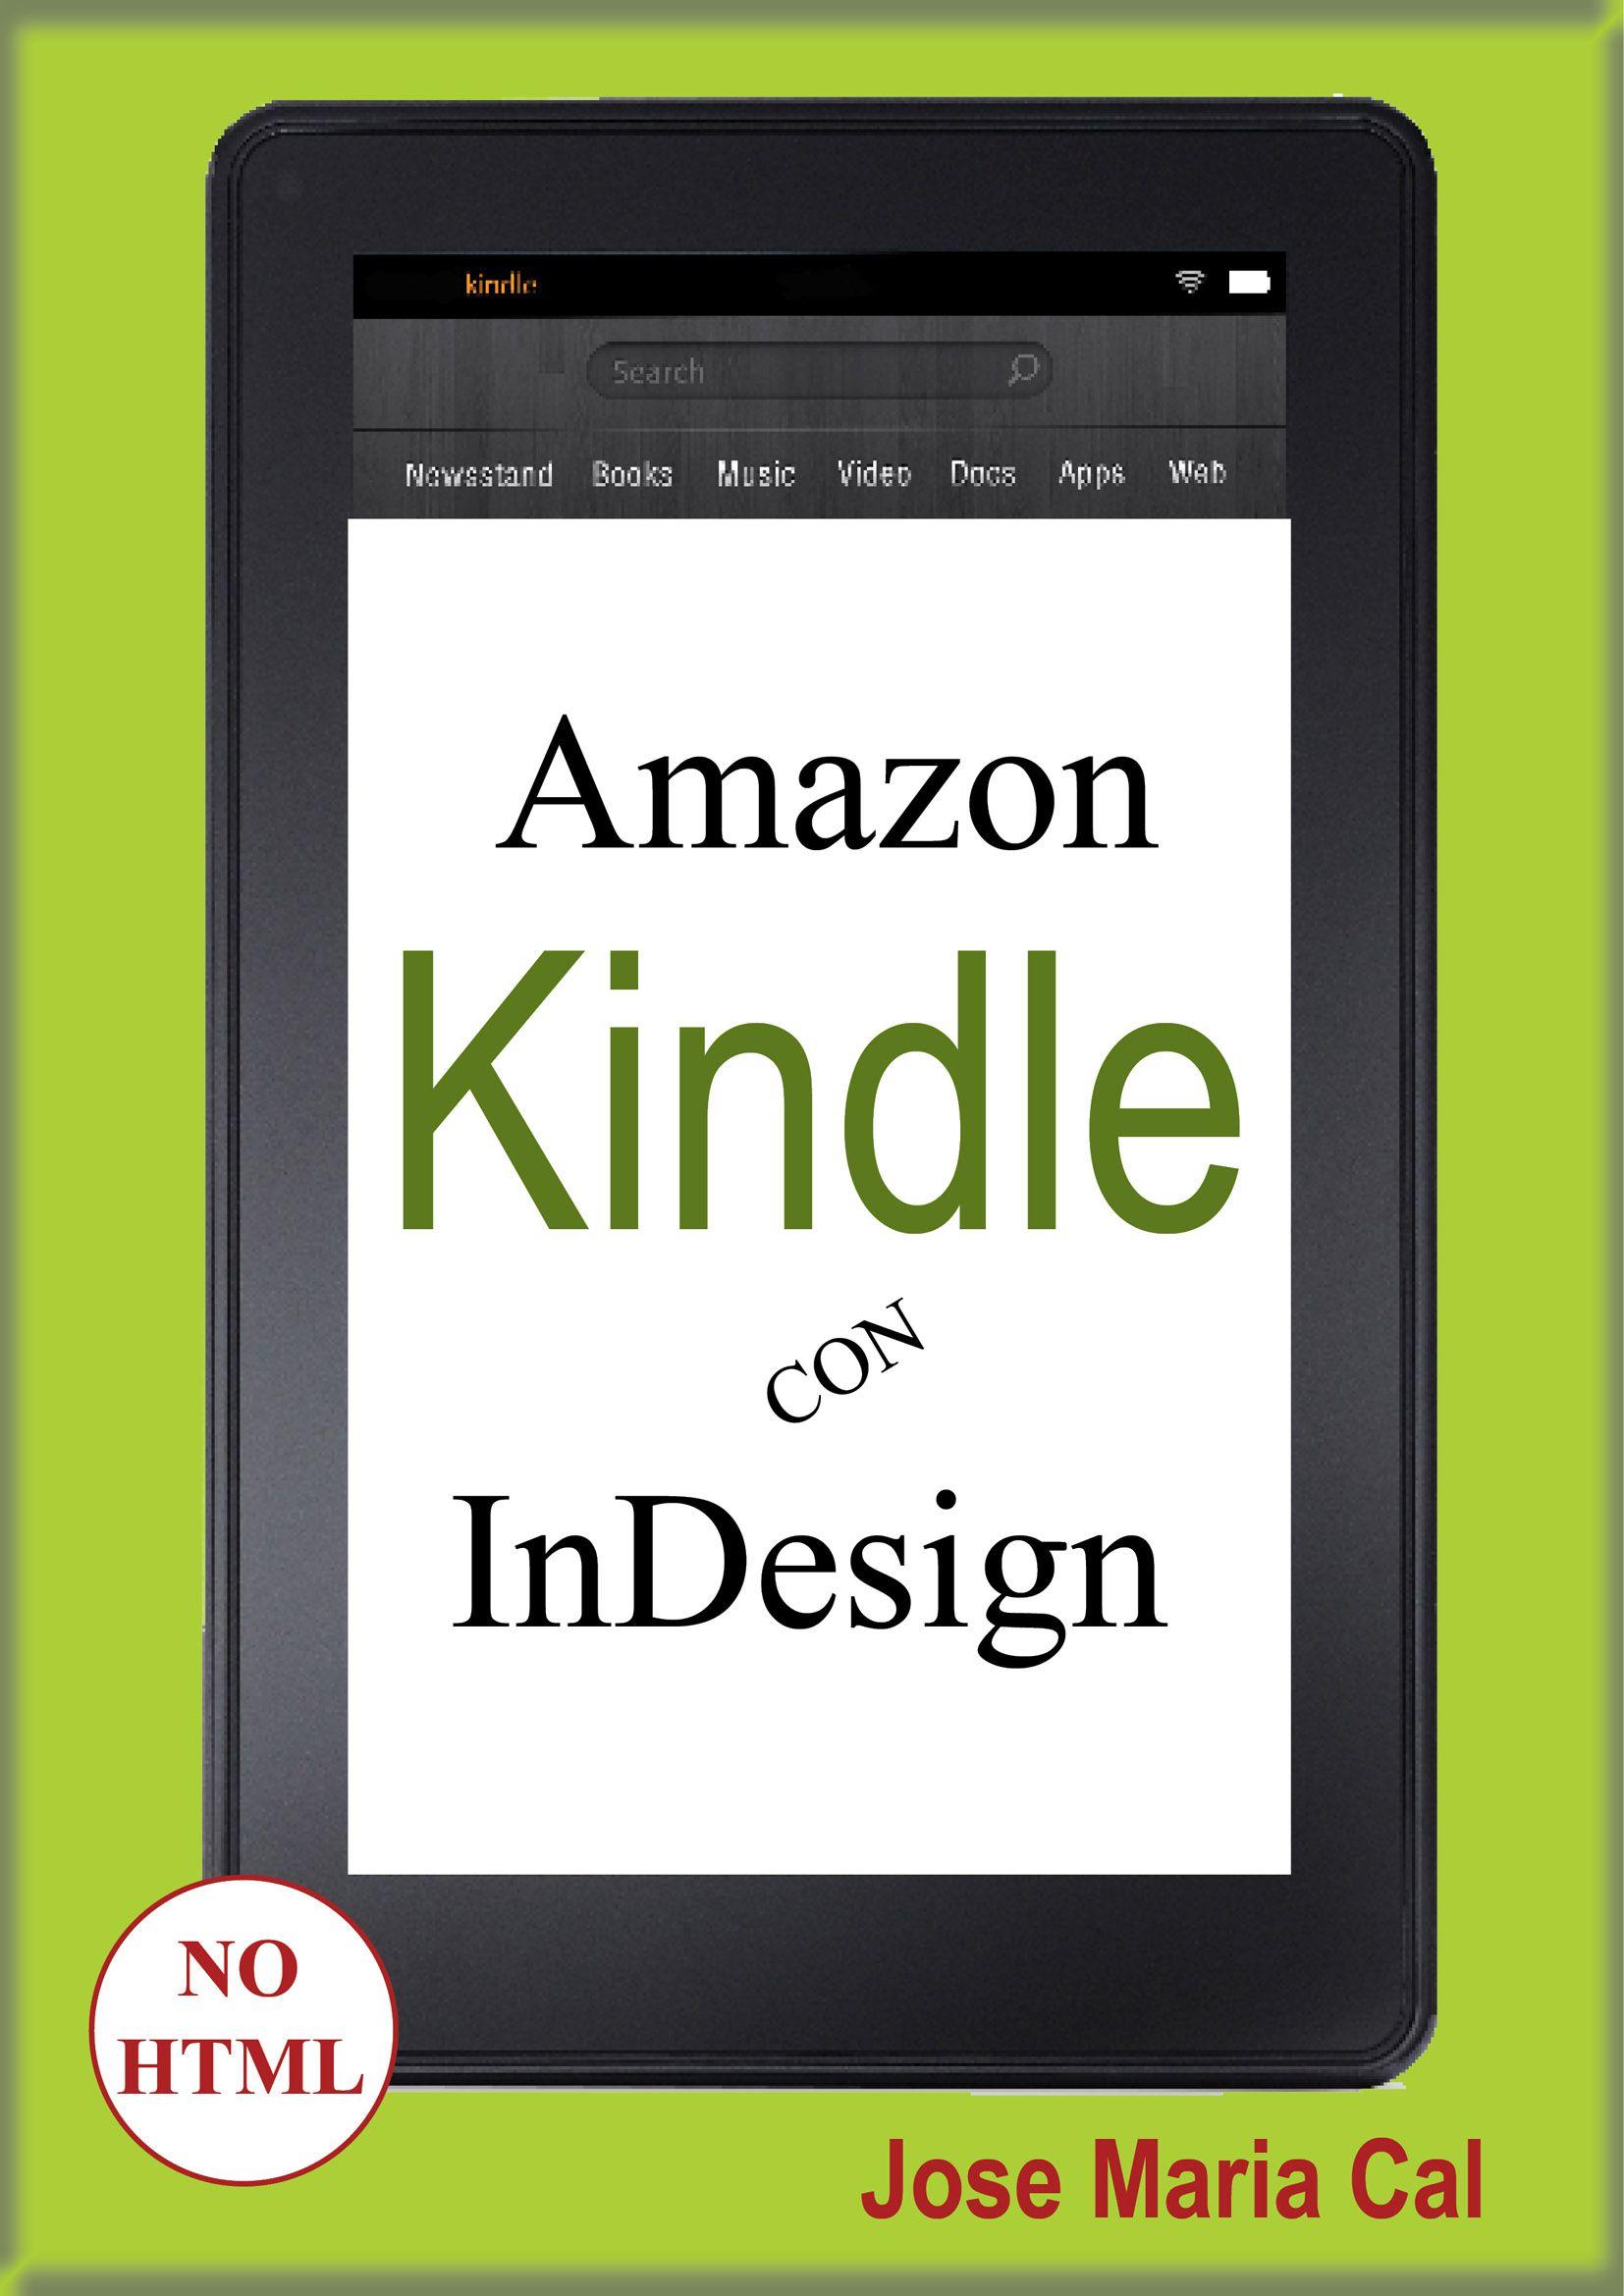 Portada libro: Amazon Kindle con InDesign. | Libro: Amazon Kindle ...